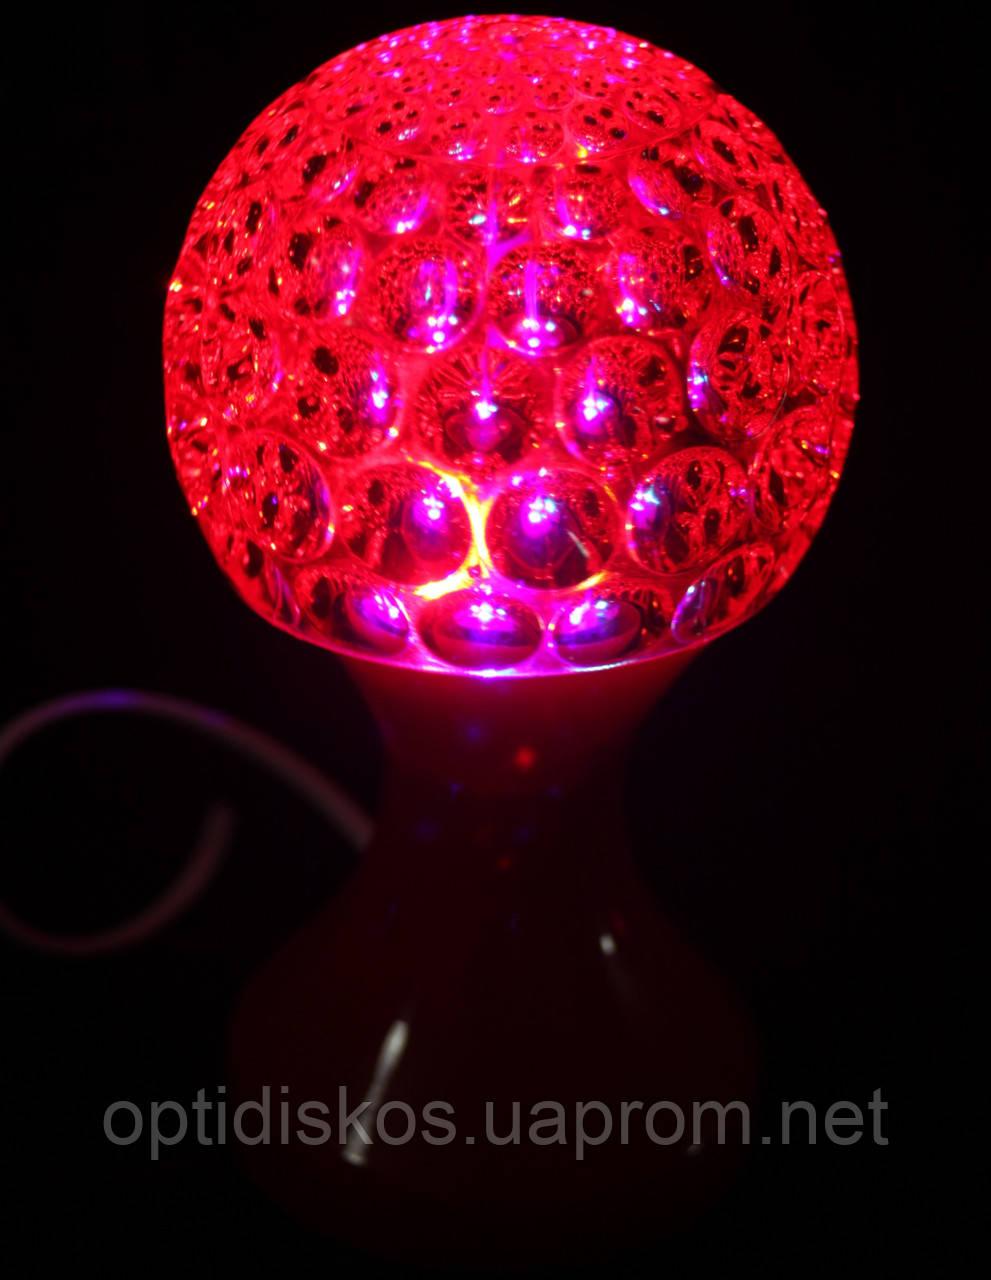 Светодиодная Диско-лампа-ночник, RHD-48 (Красный шар)